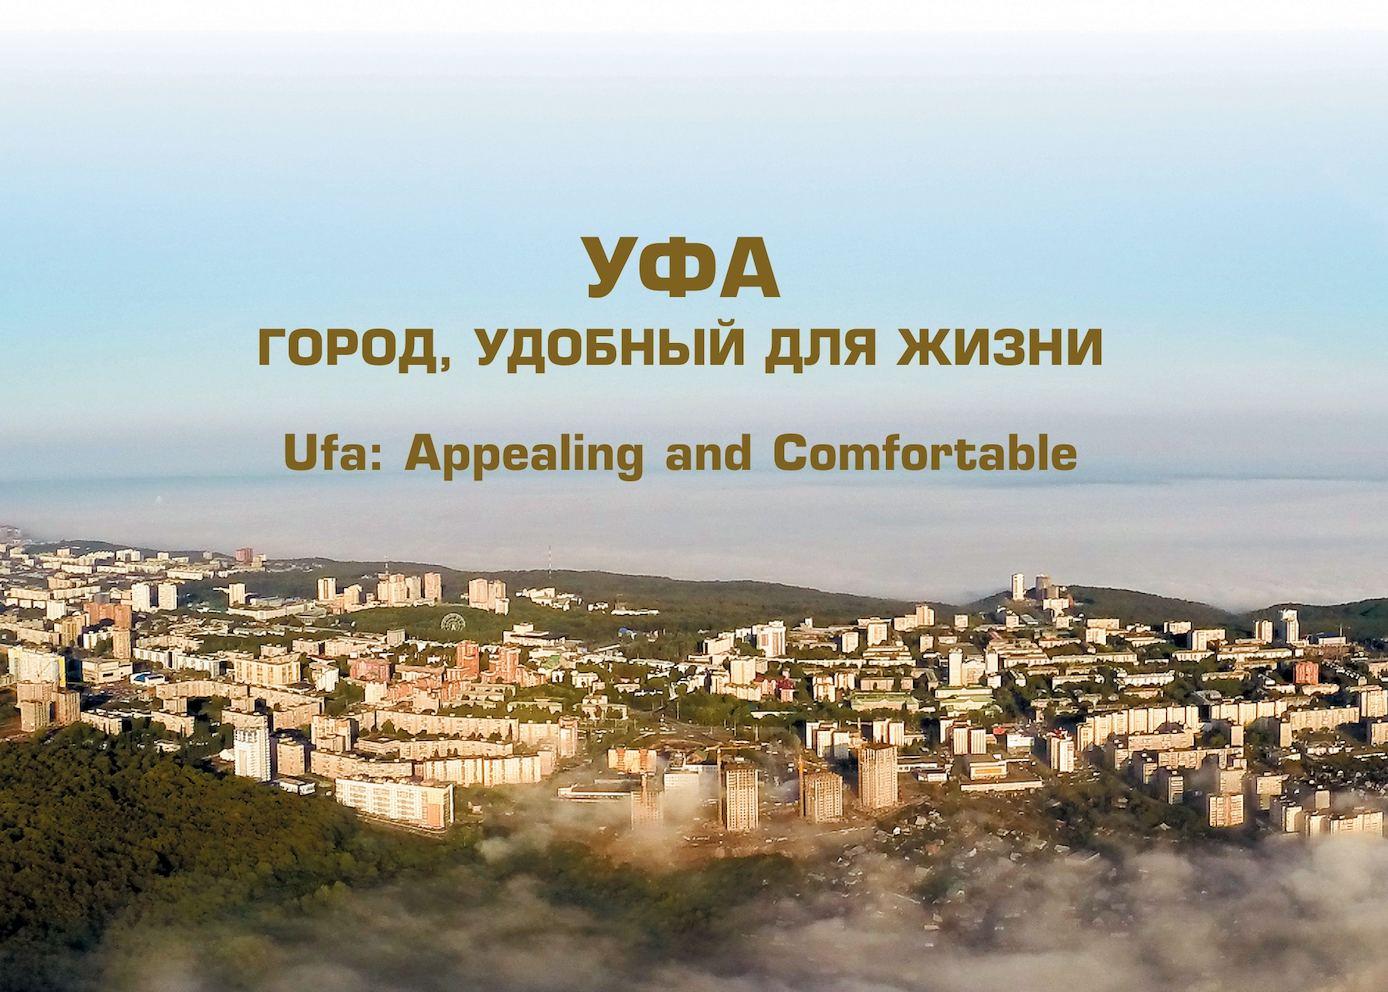 dee592362cd3 Calaméo - Информационный каталог на русском и английском языках «Уфа –  город, удобный для жизни». («Ufa  Appealing and Comfortable»)